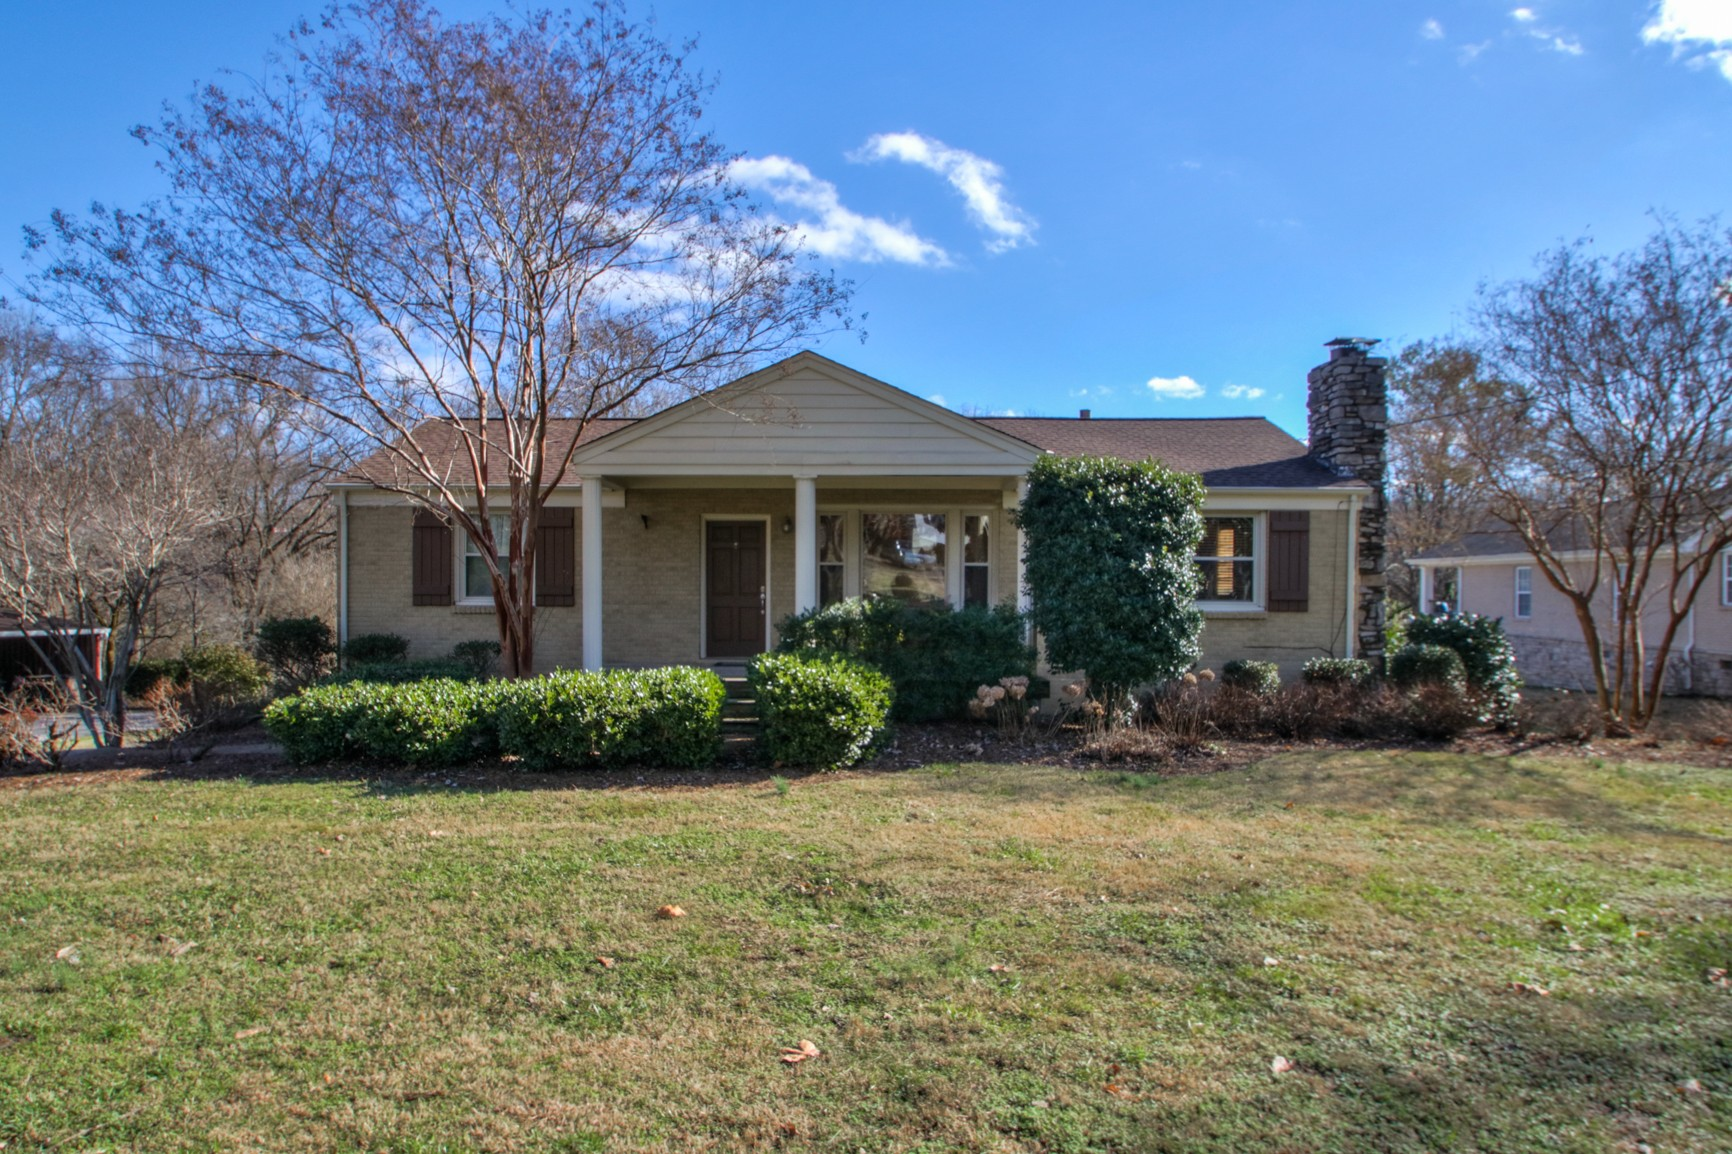 4908 Atwood Dr, Nashville, TN 37220 - Nashville, TN real estate listing